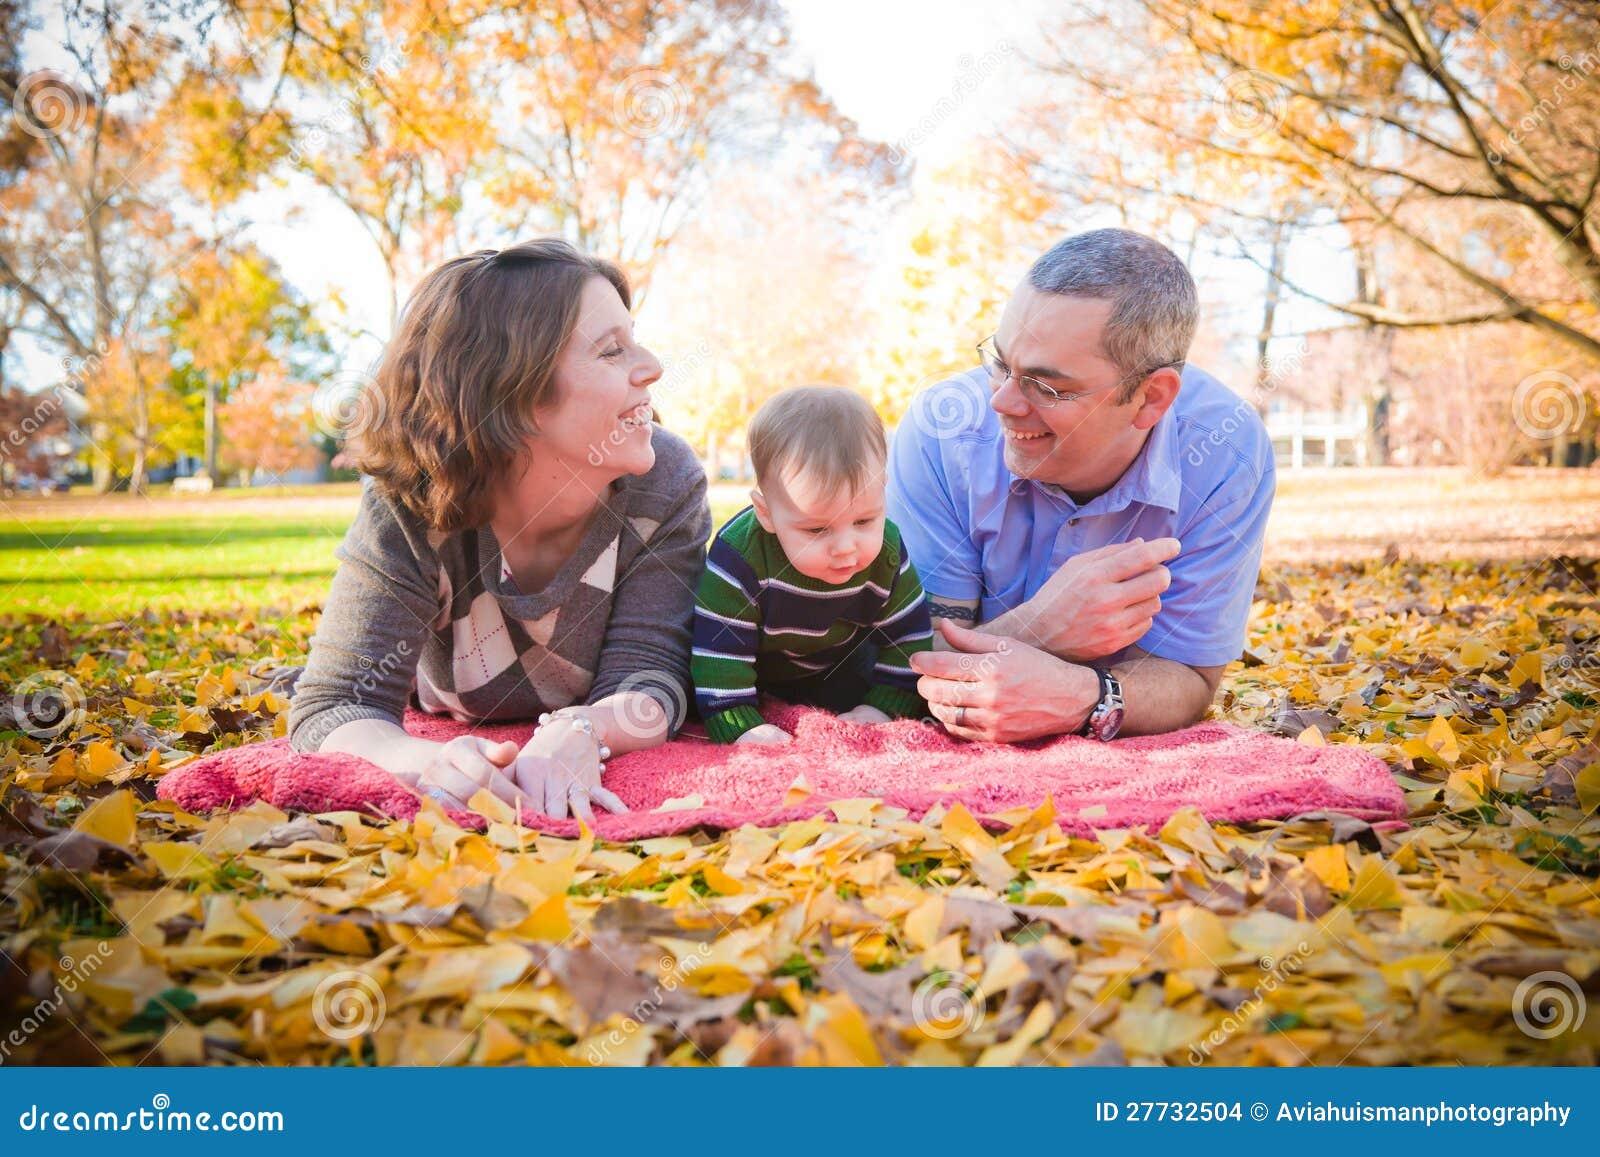 Zeit zusammen im Park